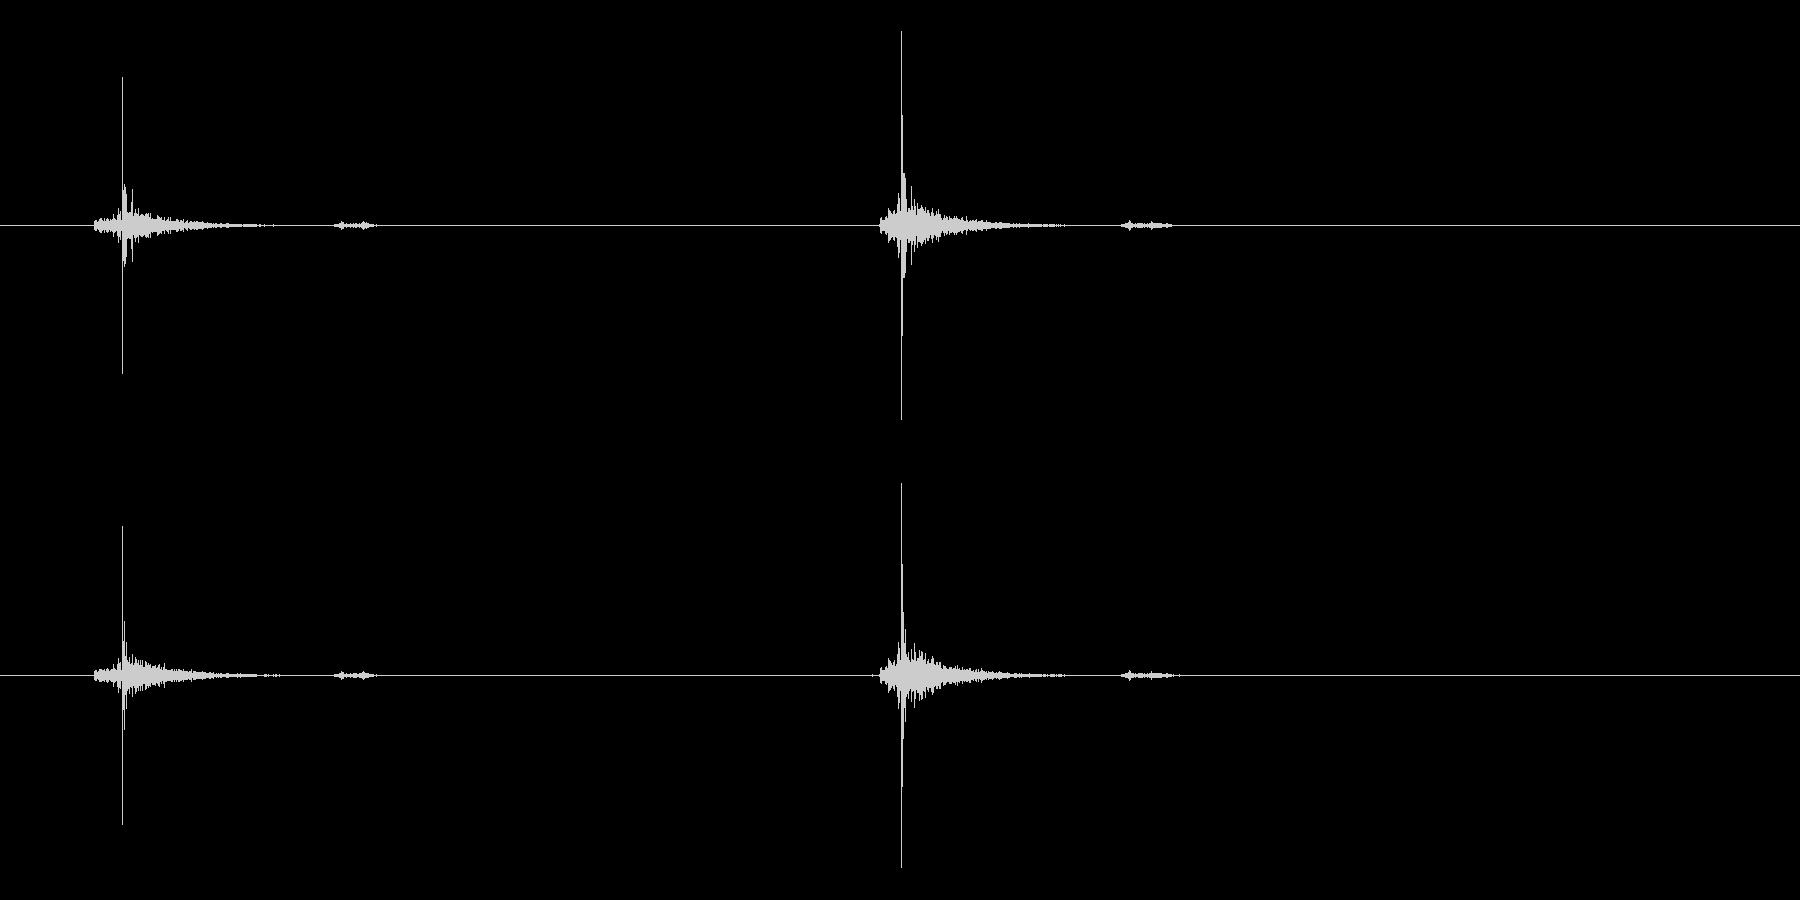 [生録音]チョキ、チョキ(ゆっくり)の未再生の波形